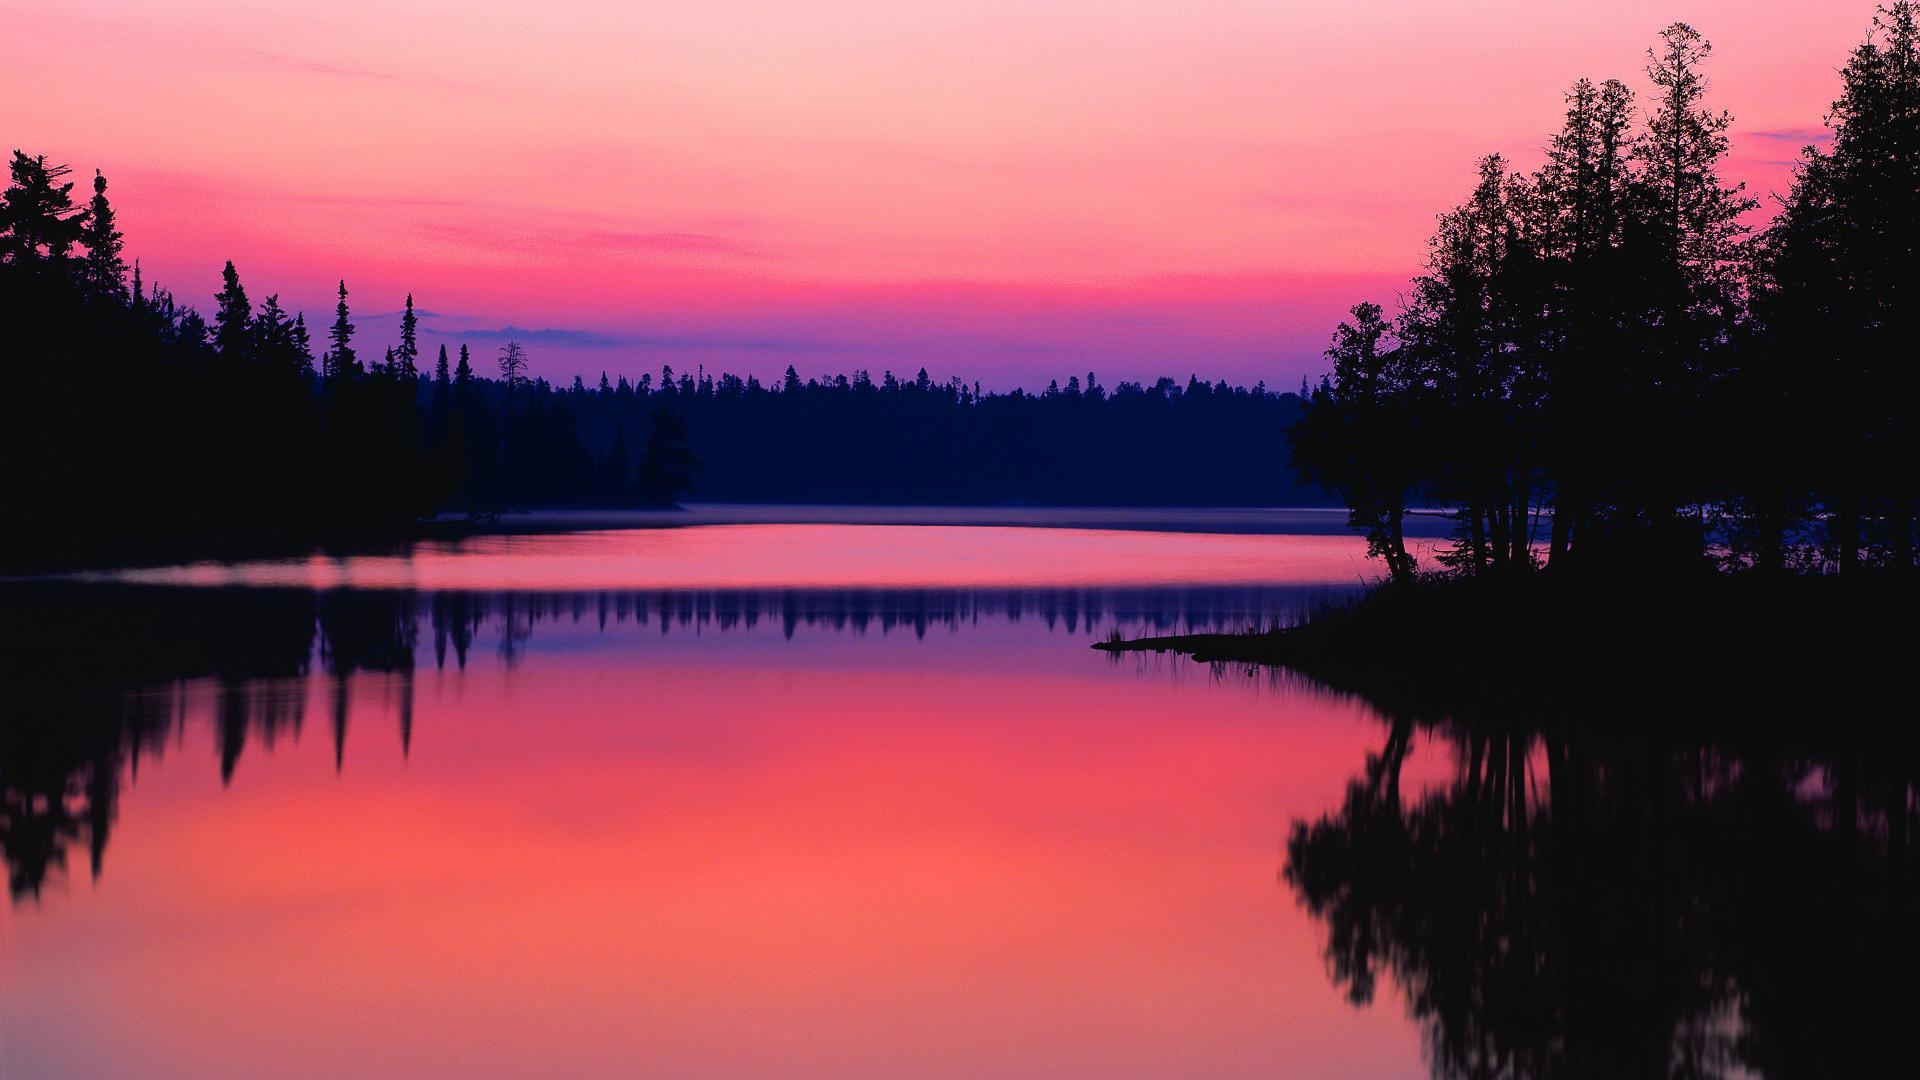 Pink Nature Wallpaper - WallpaperSafari